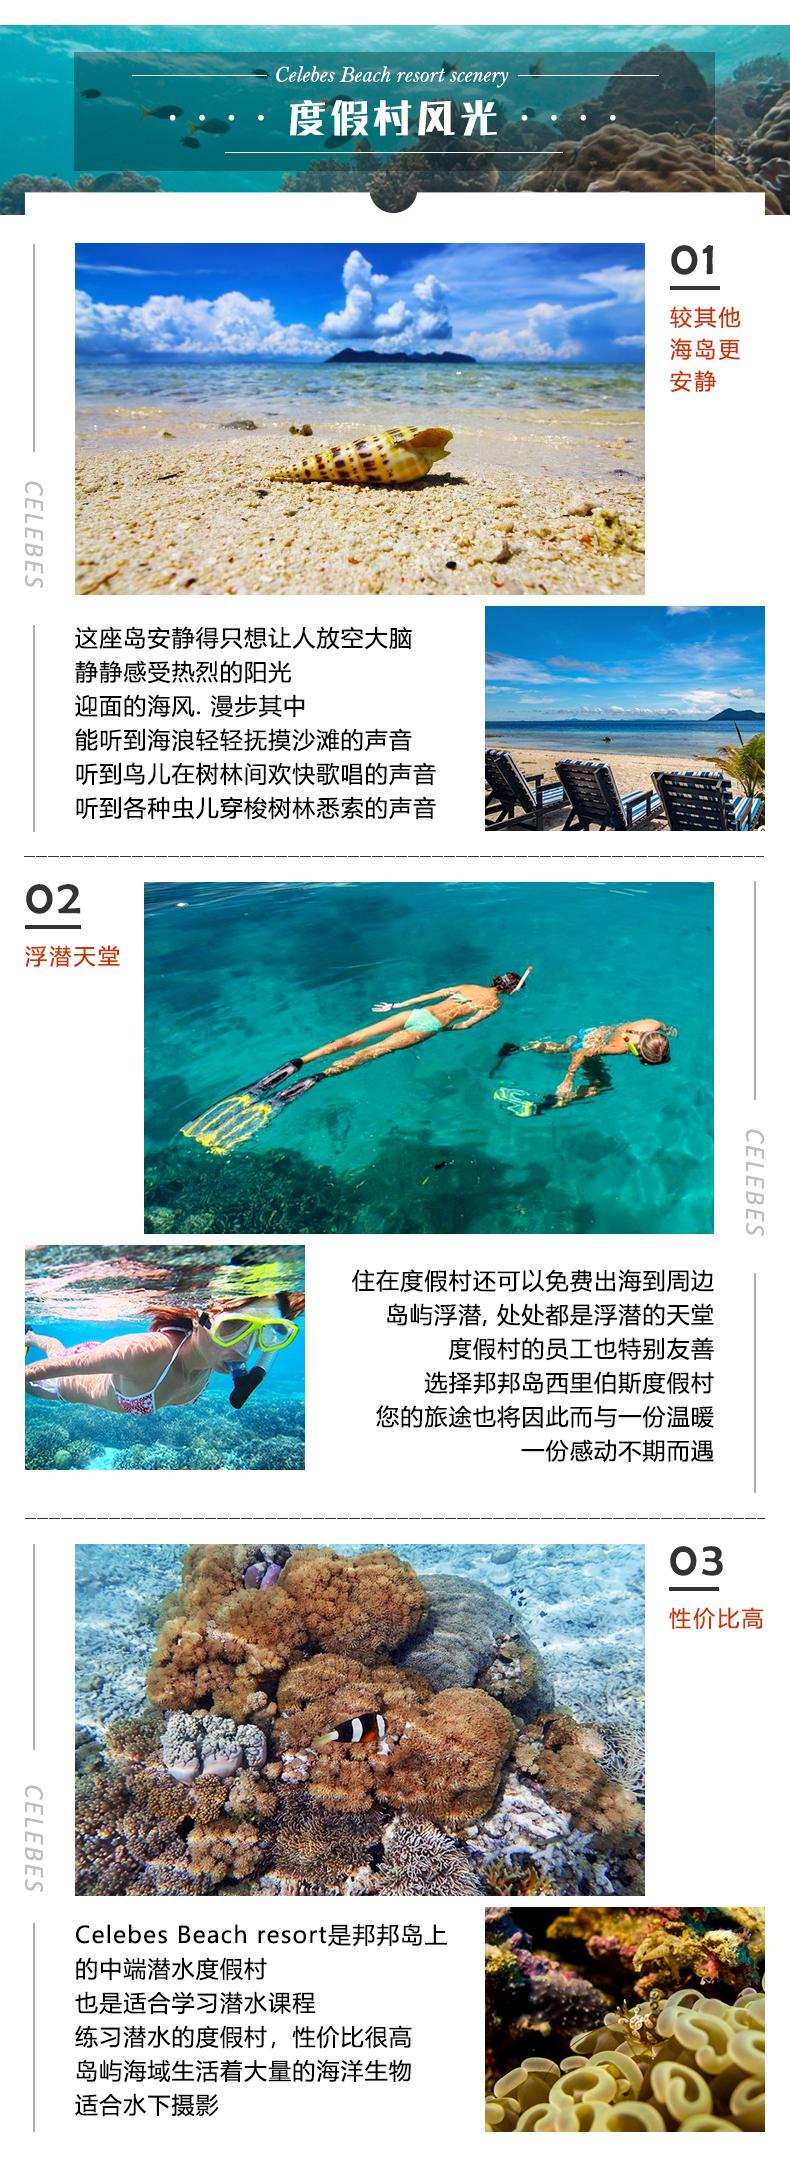 邦邦岛西里伯斯度假村 Celebes Beach resort 仙本那沙滩屋 潜客